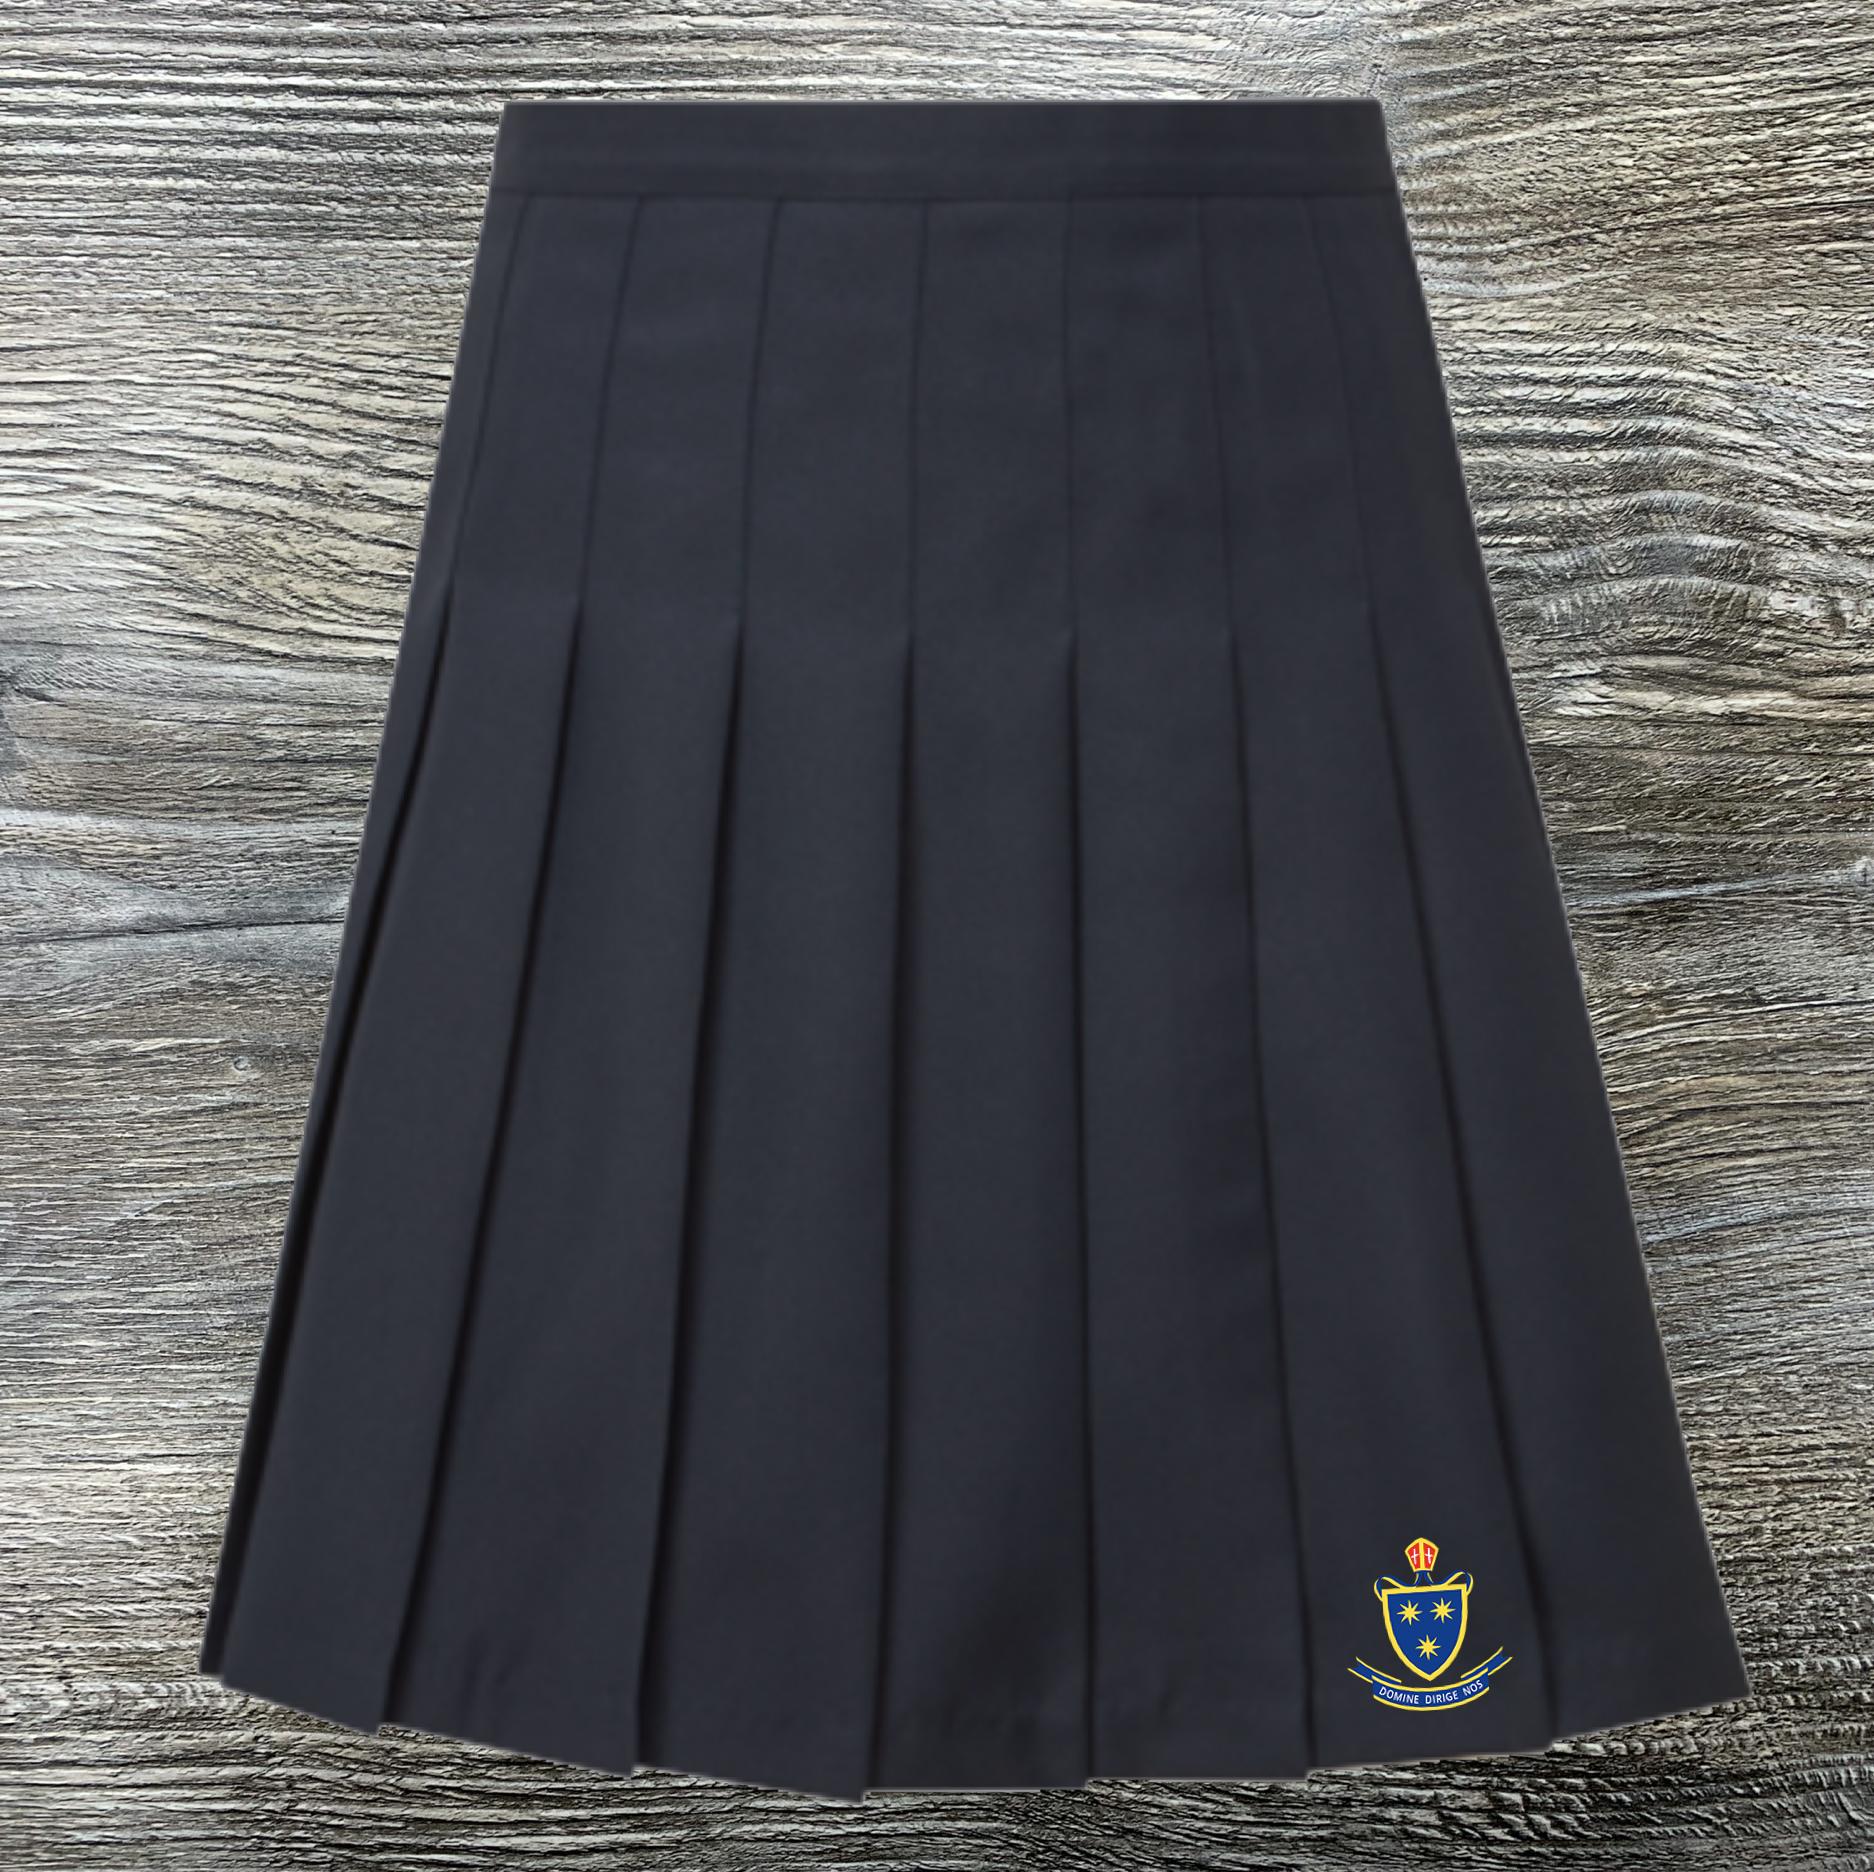 St Wilfrid's C of E Academy Skirt